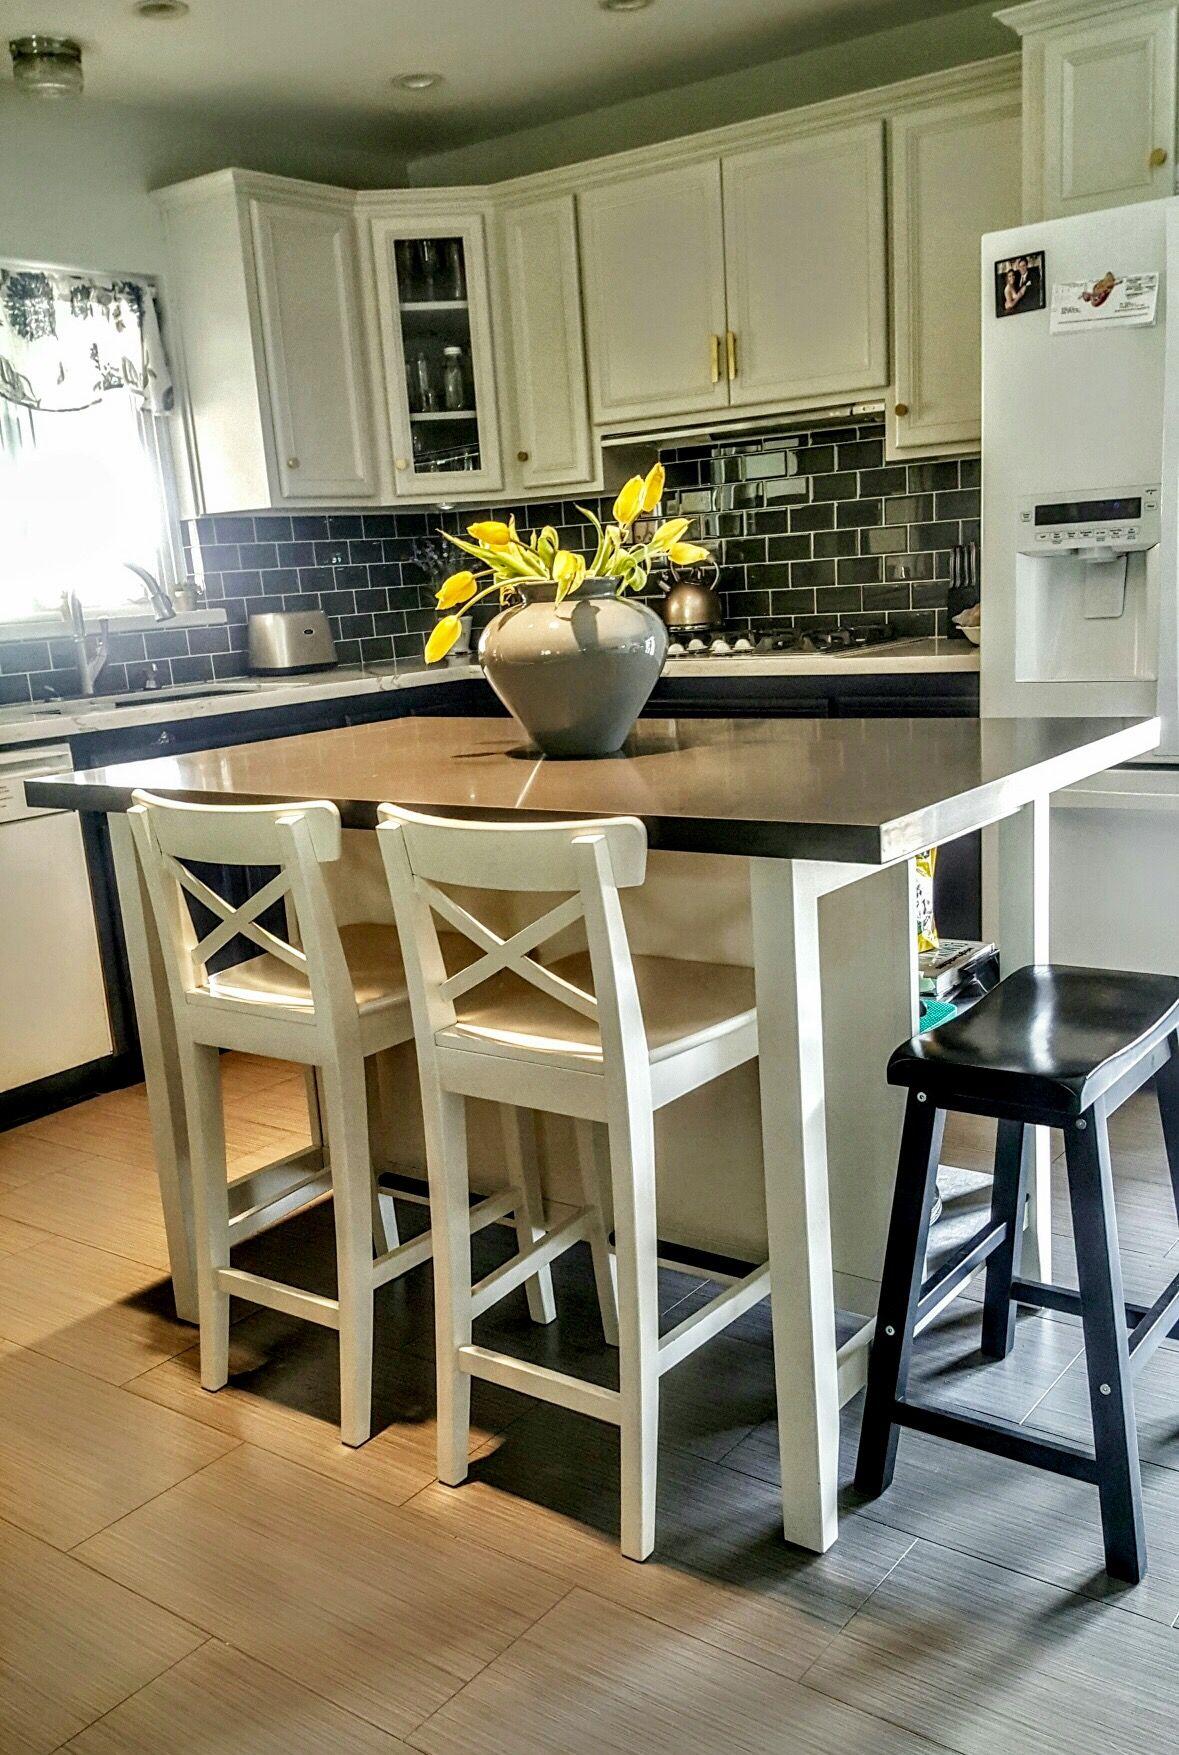 Ikea Stenstorp Kitchen Island Hack We added grey